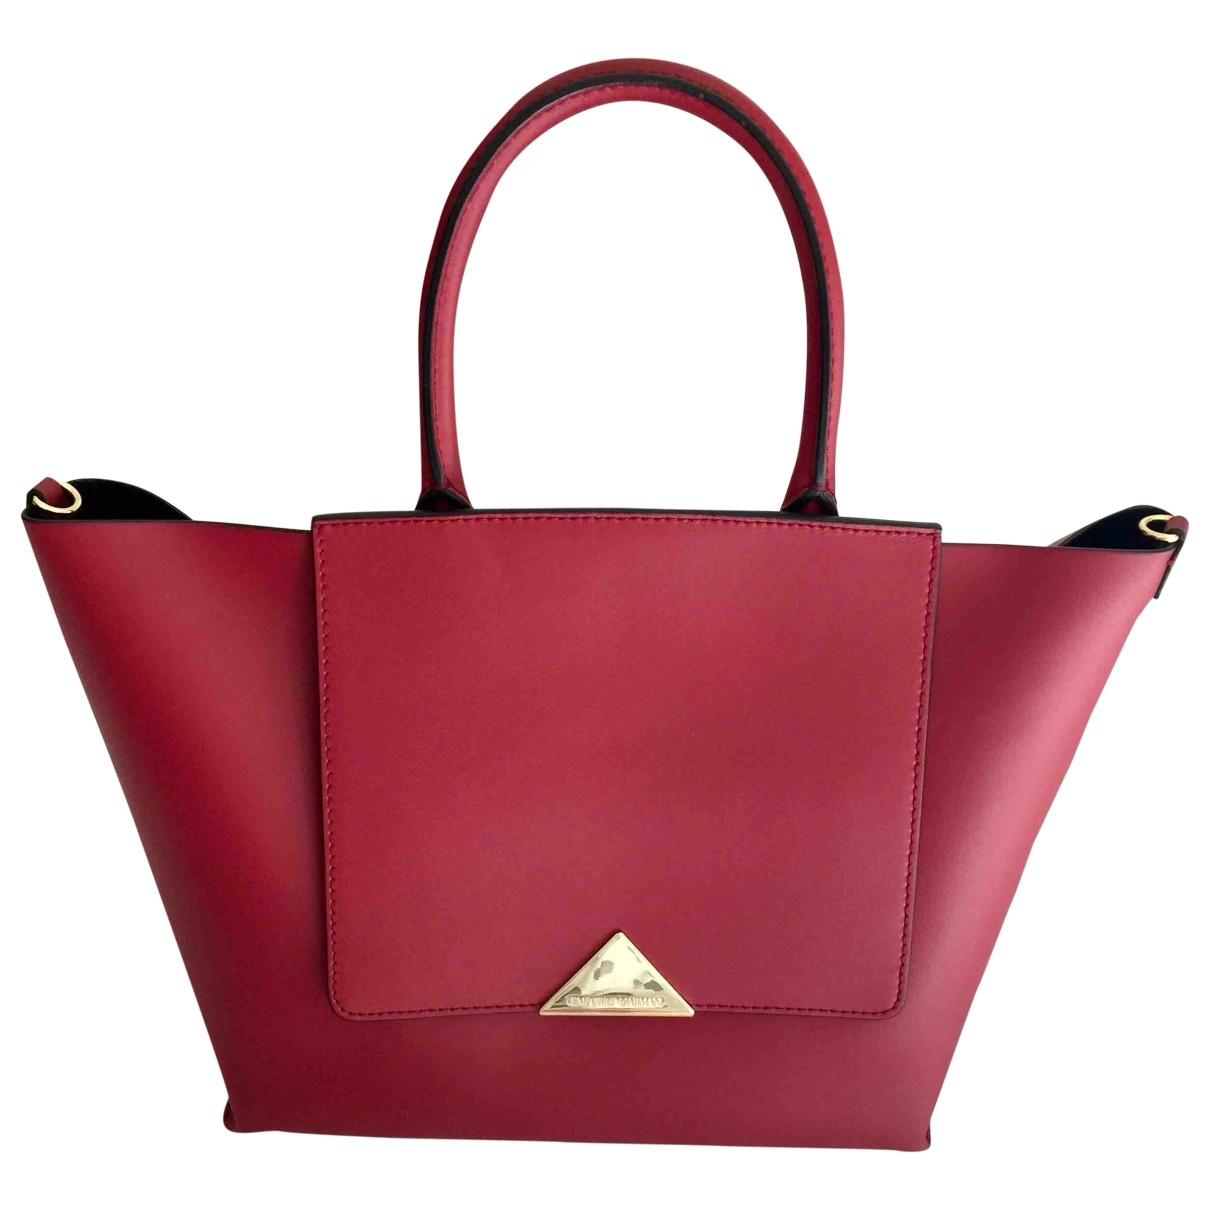 Emporio Armani \N Handtasche in  Rot Leinen